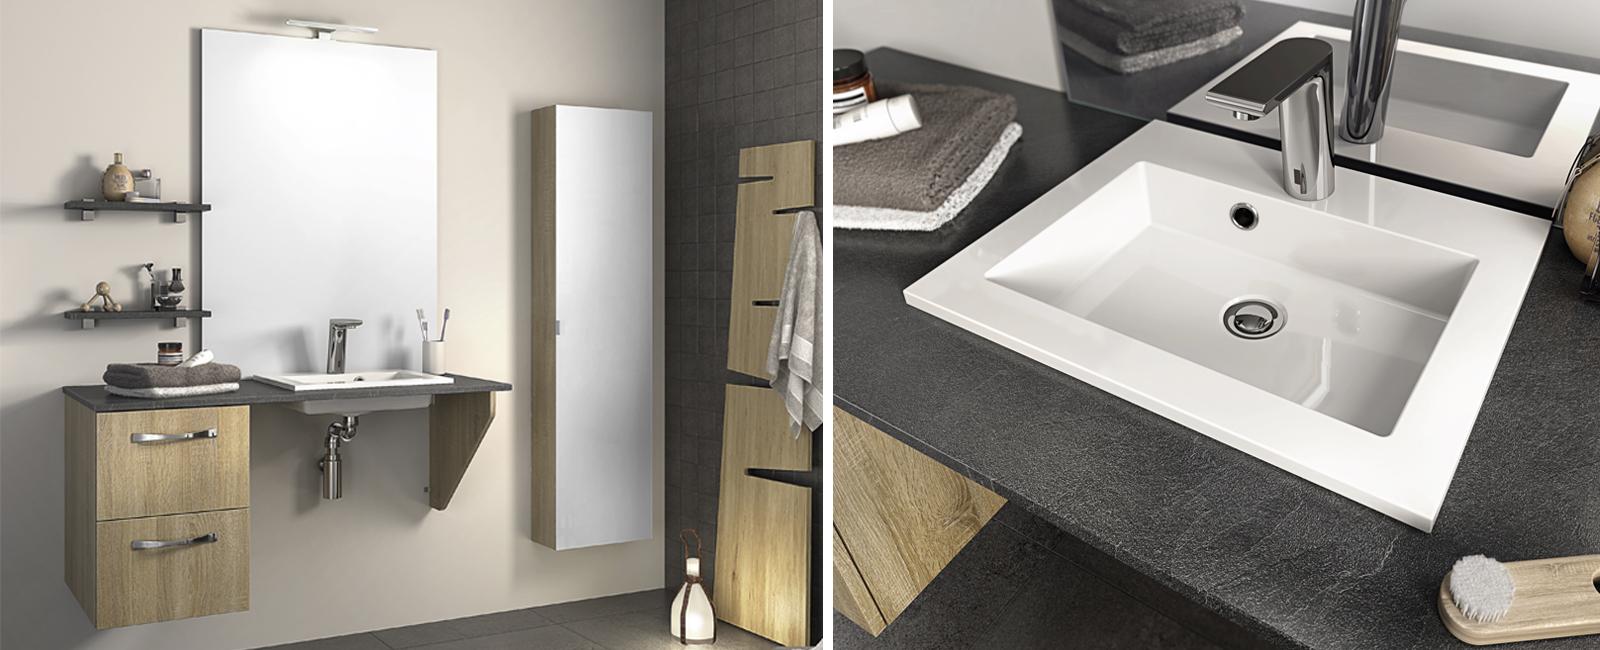 Meubles Salle De Bain Personnes Handicapées quelles solutions de mobilier pour une salle de bains pmr